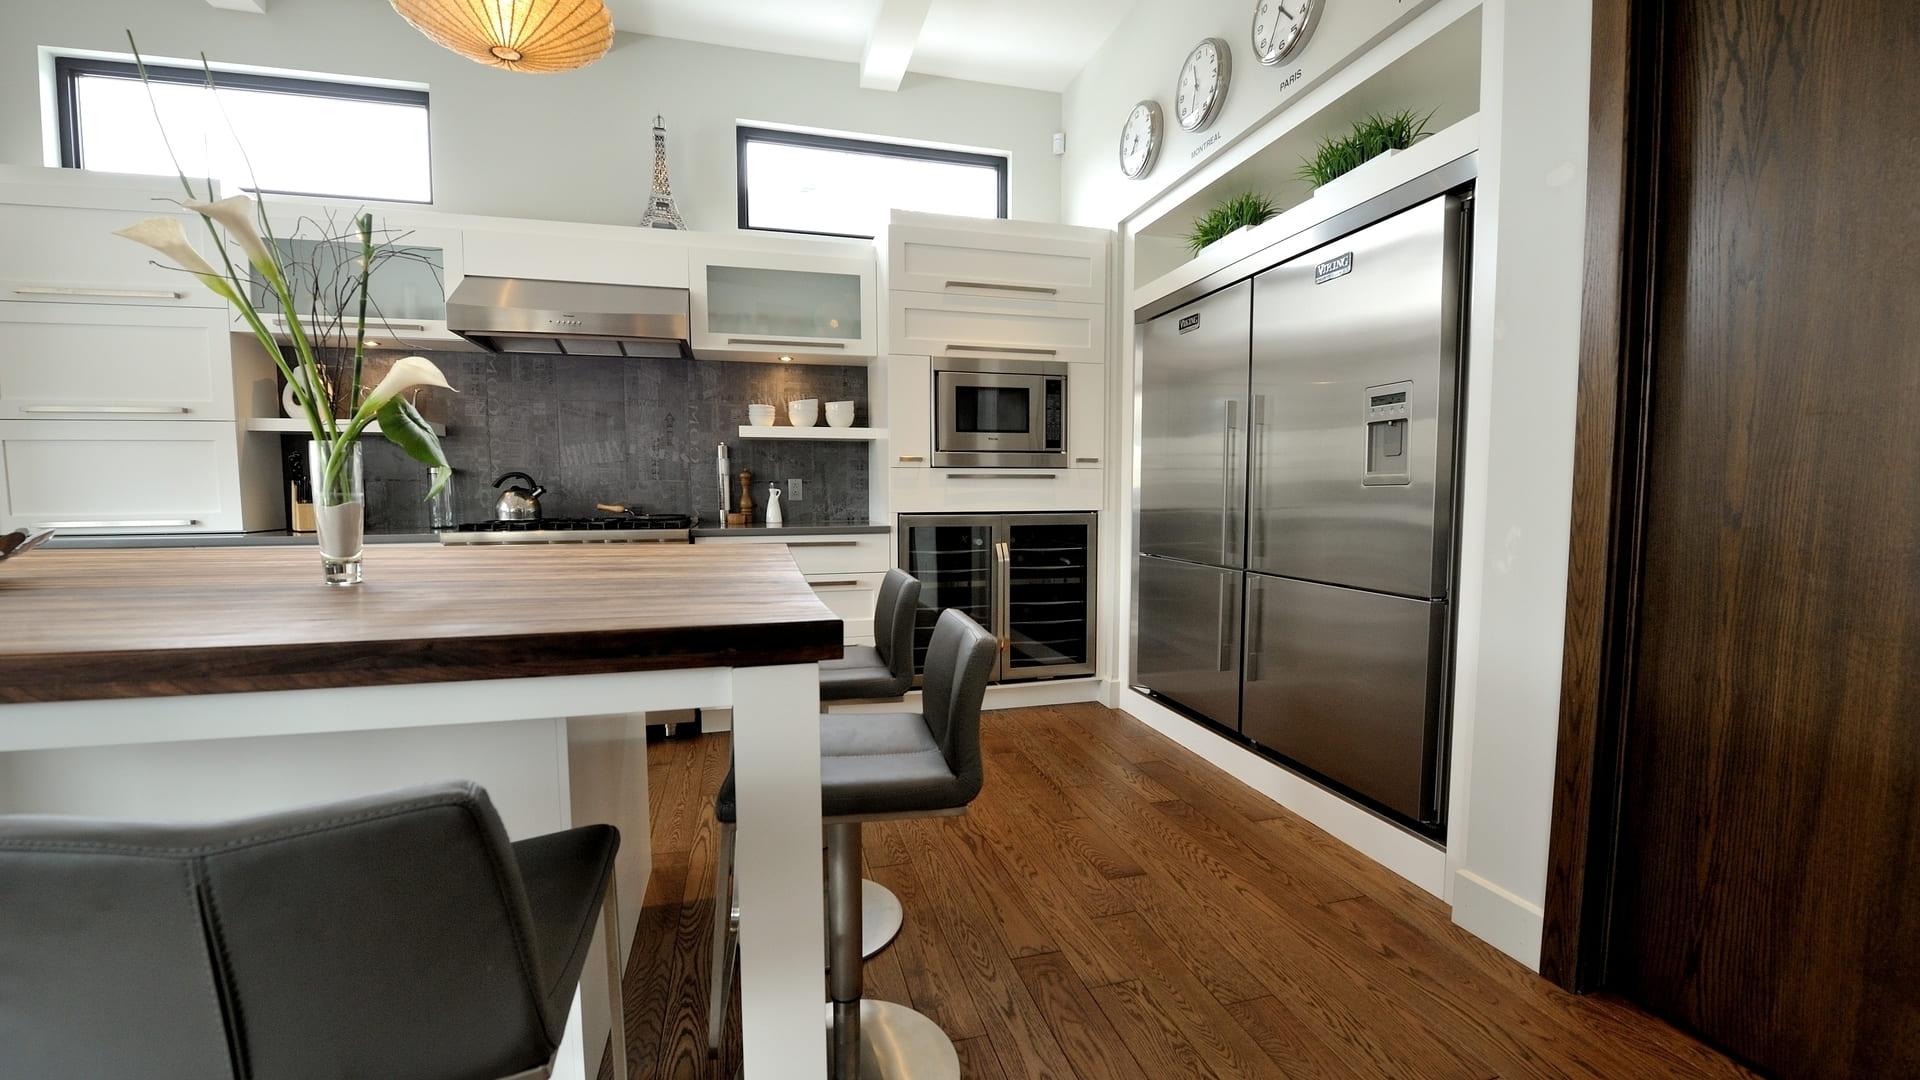 Cuisine contemporaine blanche avec îlot. La cuisine est notamment équipée d'un double frigo encastré dans les armoires de cuisine.